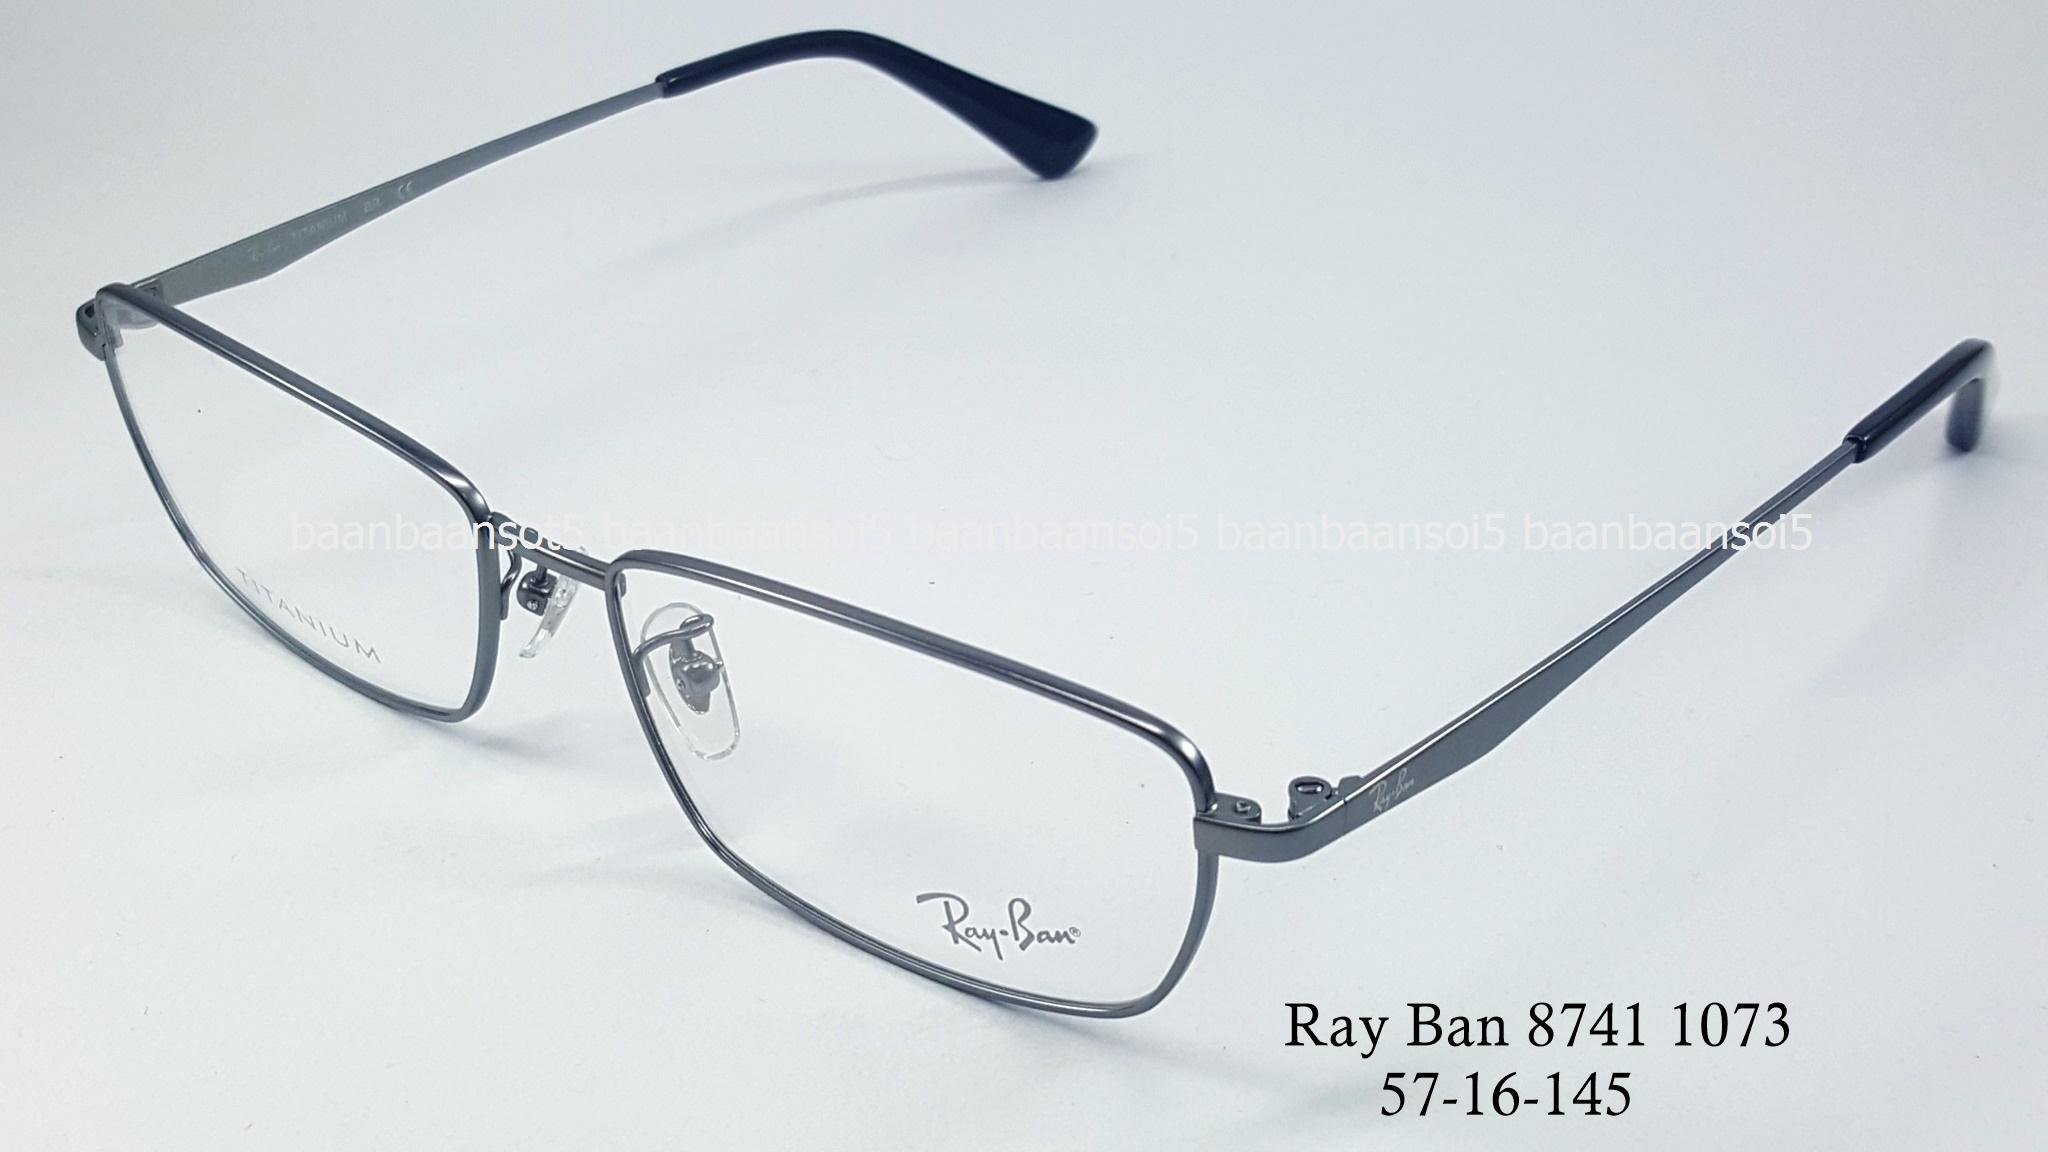 Rayban RX 8741 1073 โปรโมชั่น กรอบแว่นตาพร้อมเลนส์ HOYA ราคา 3,900 บาท